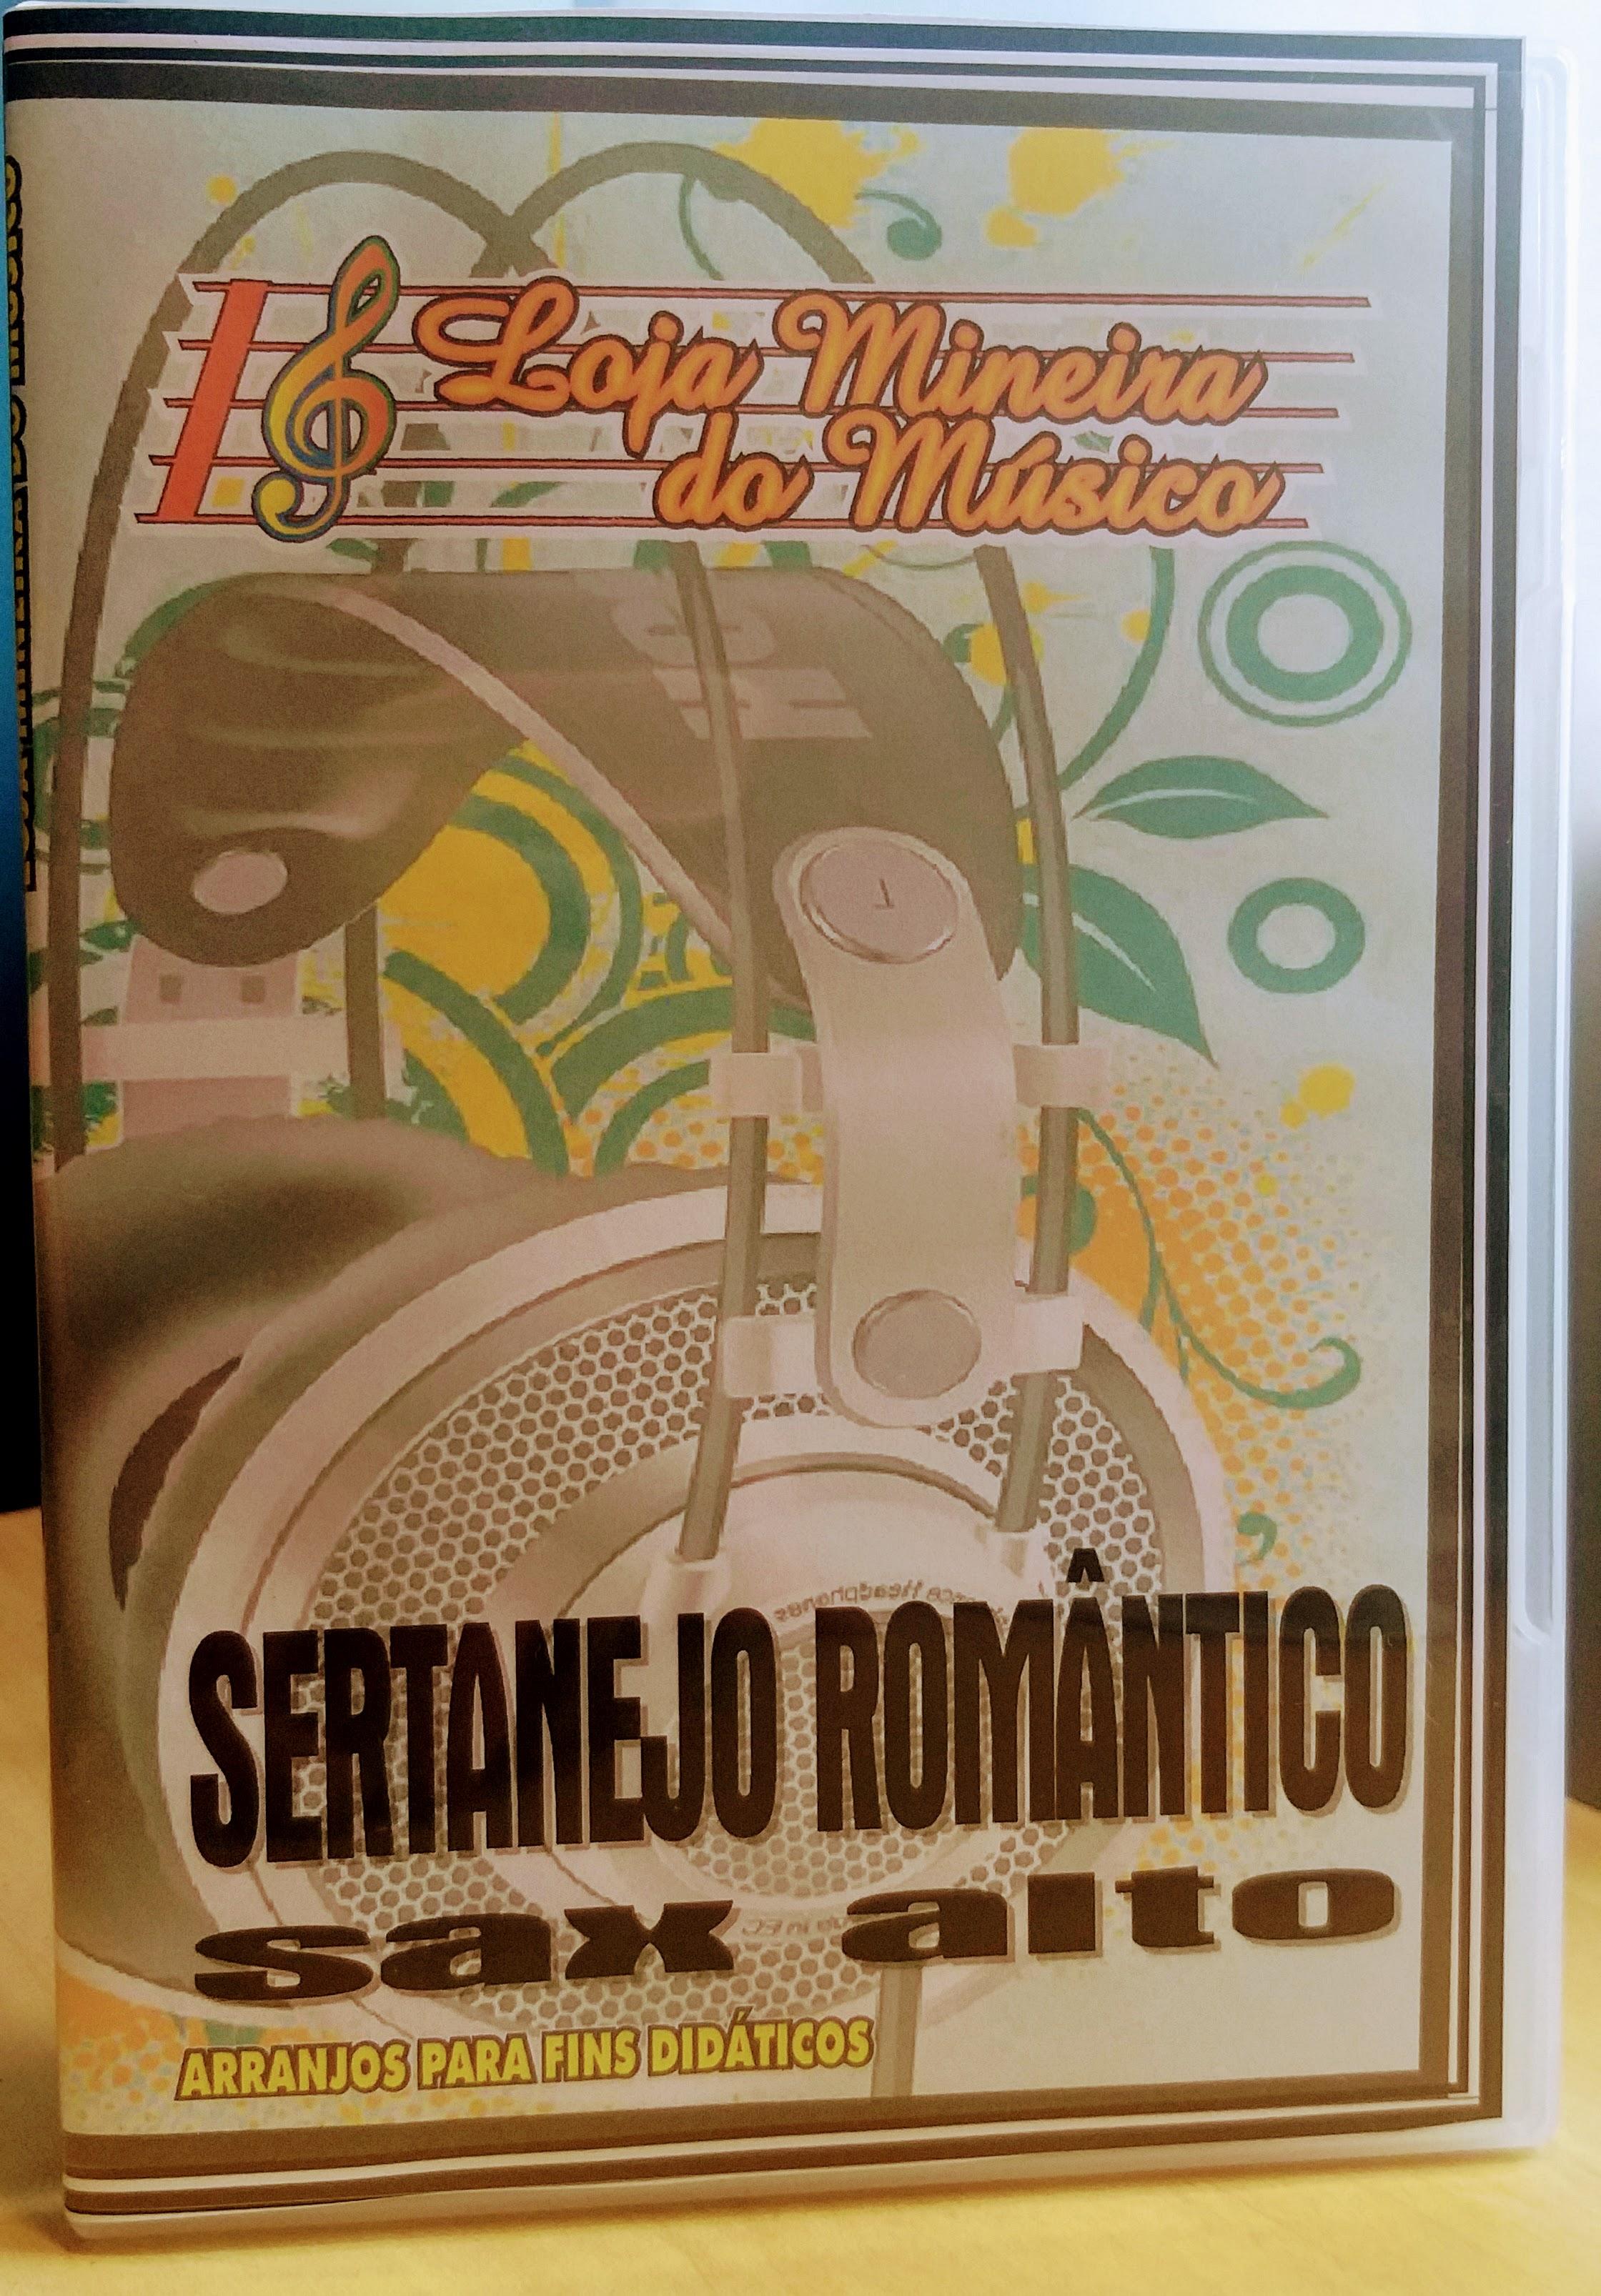 Partituras para Sax Alto Sertanejo Romantico em PDF Sax Alto